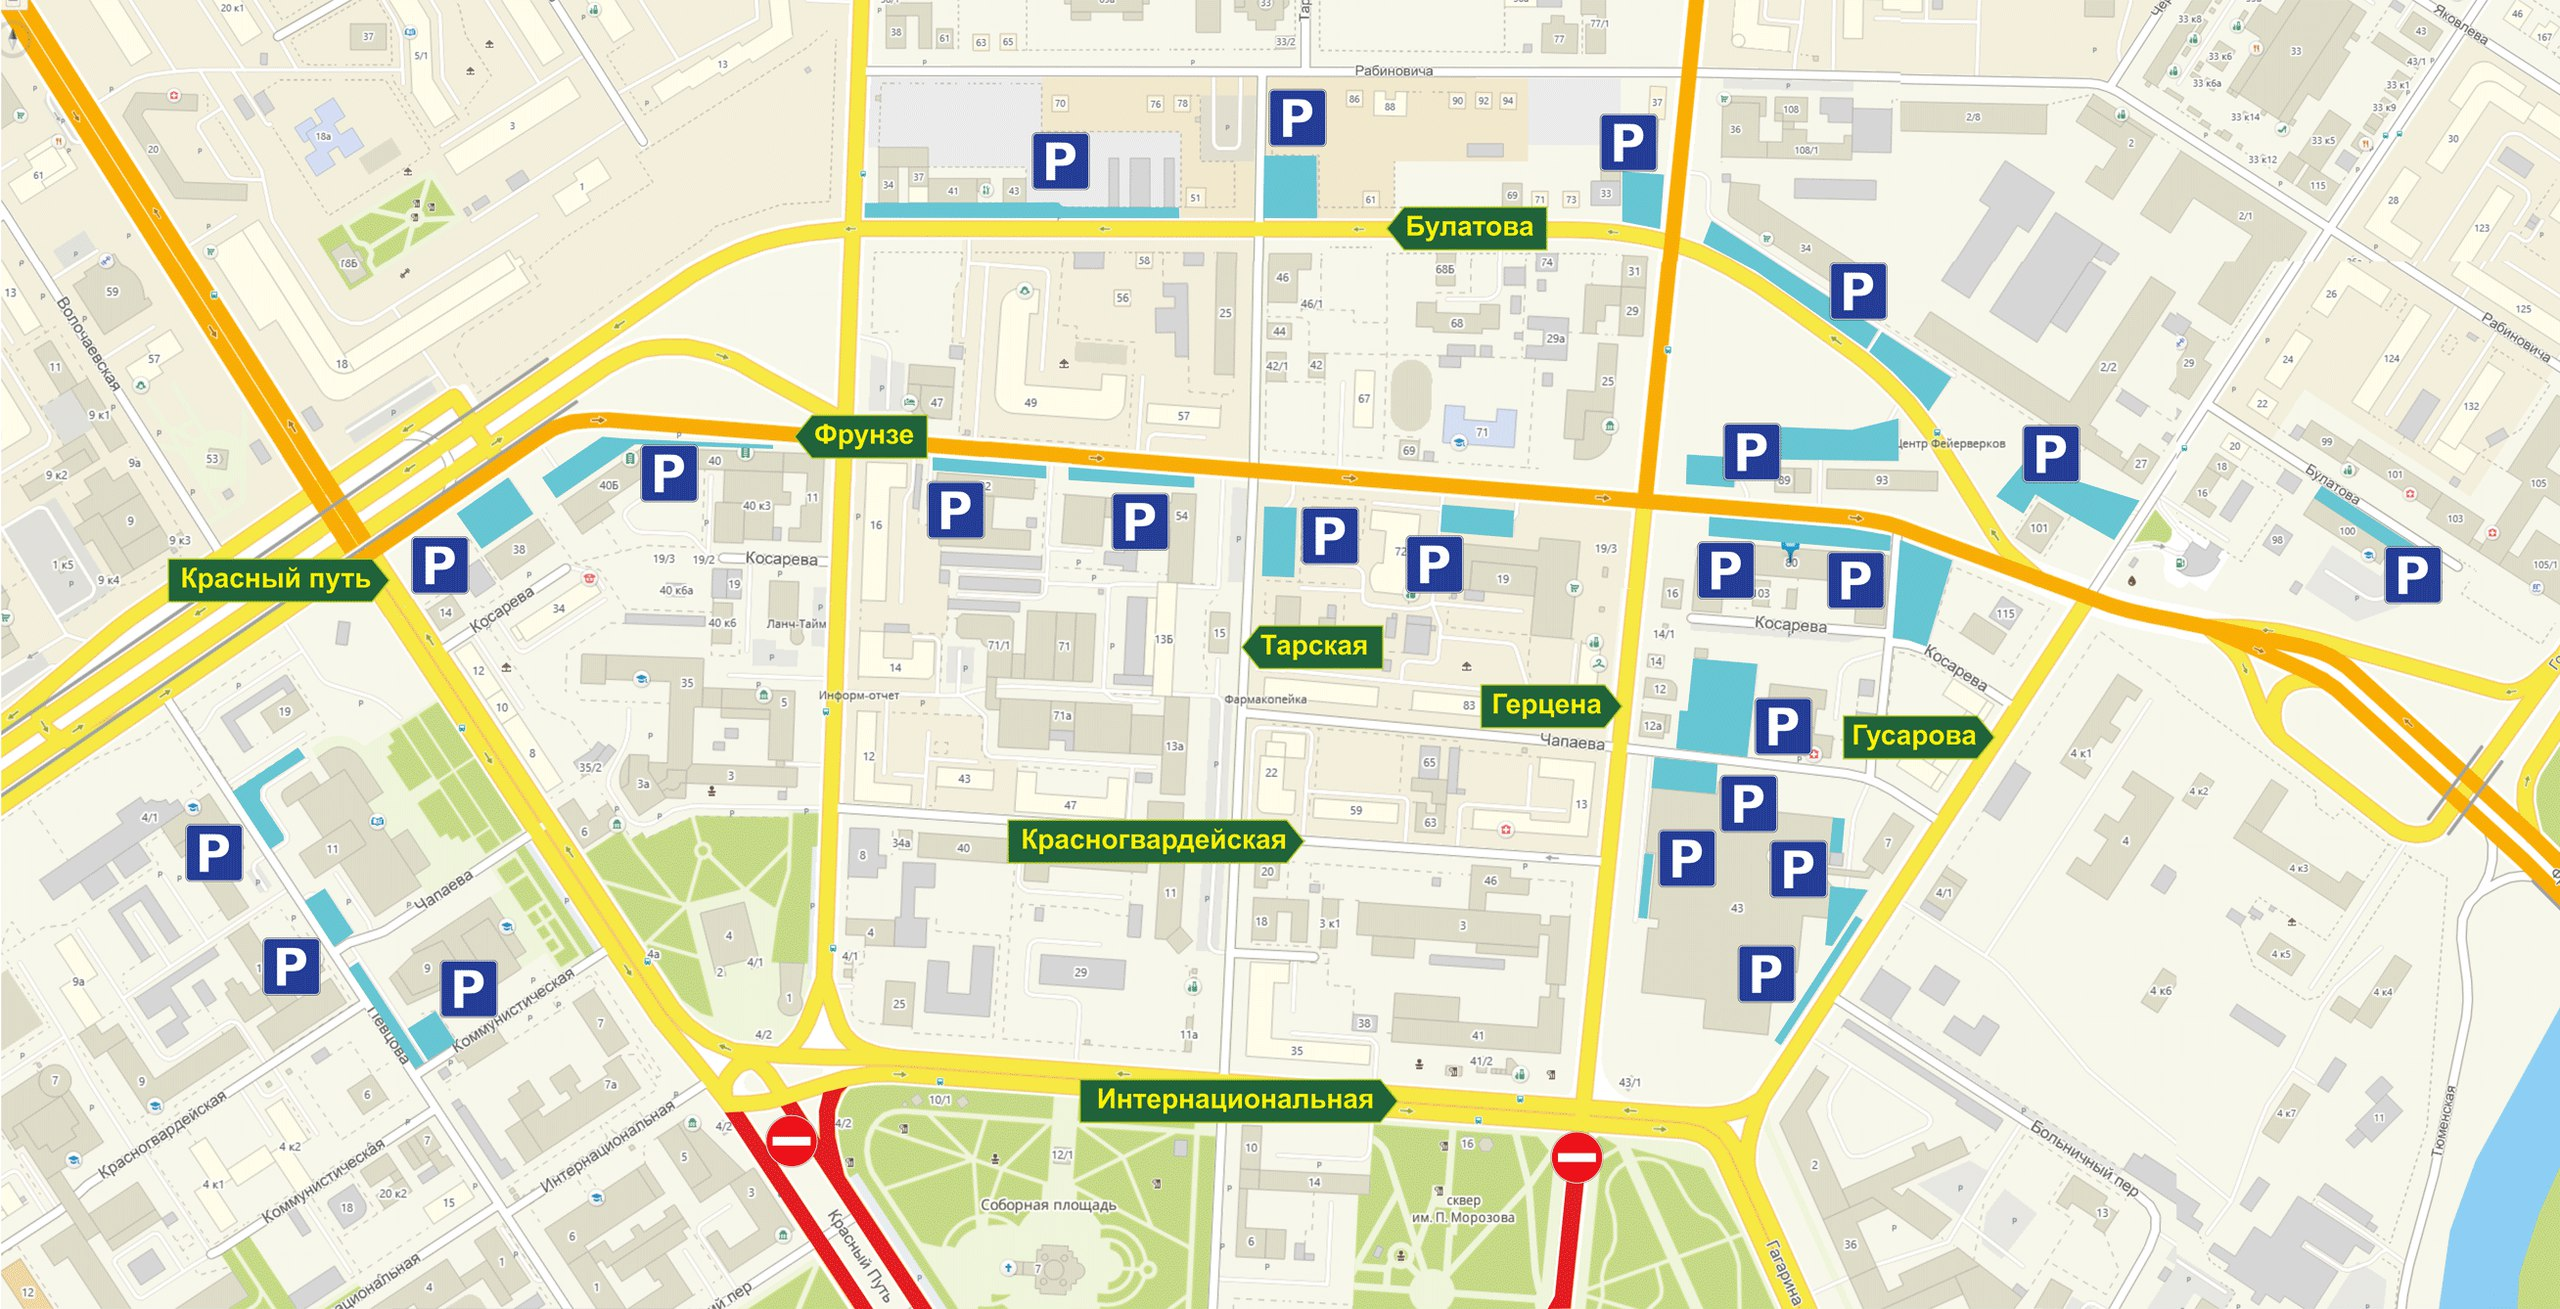 Карта схема города омска